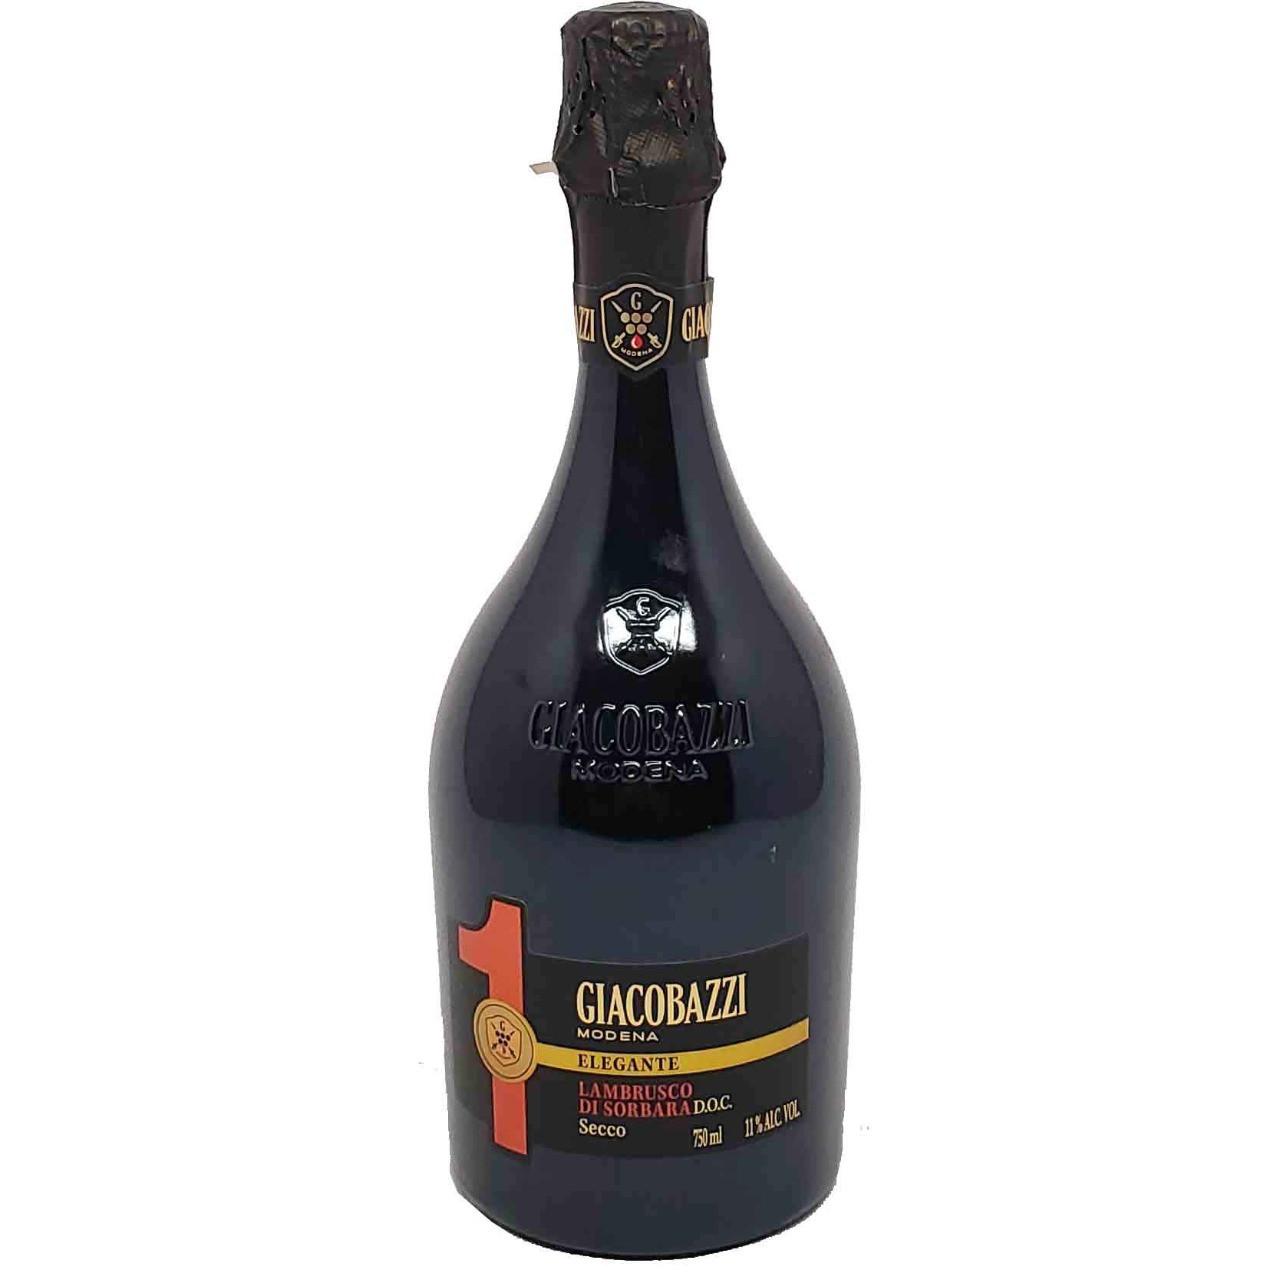 Vinho Lambrusco Tinto Giacobazzi - 750ml -